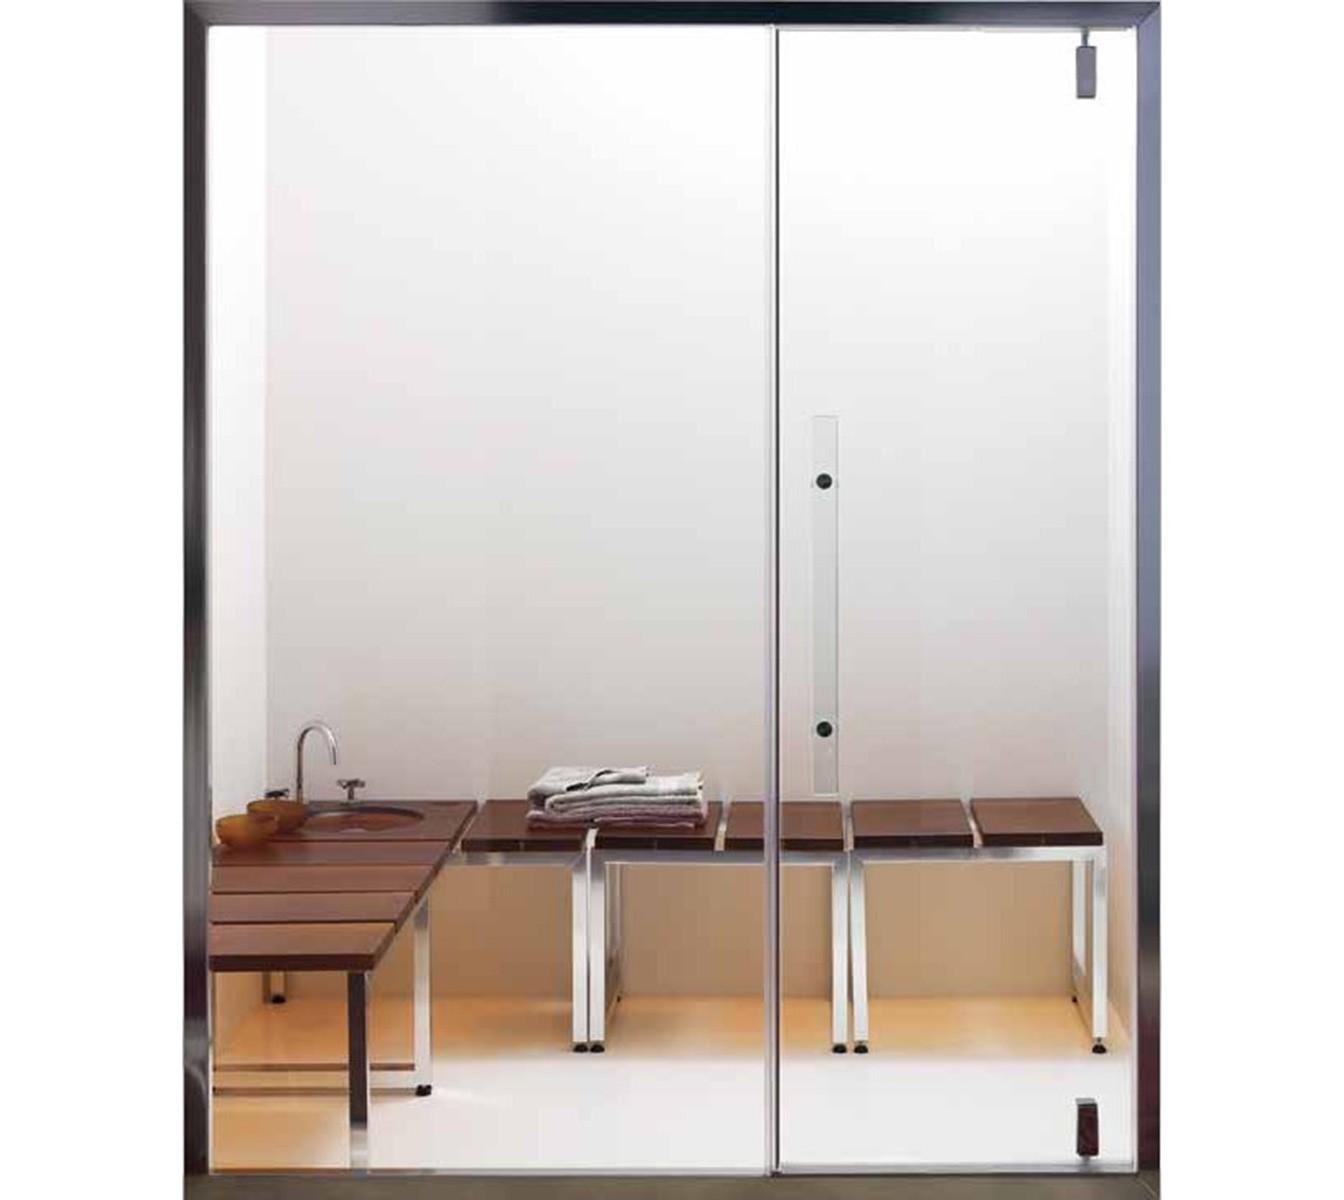 puertas para baos de y paredes de vidrio para baos turcos u effegibi puertas para baos de vapor